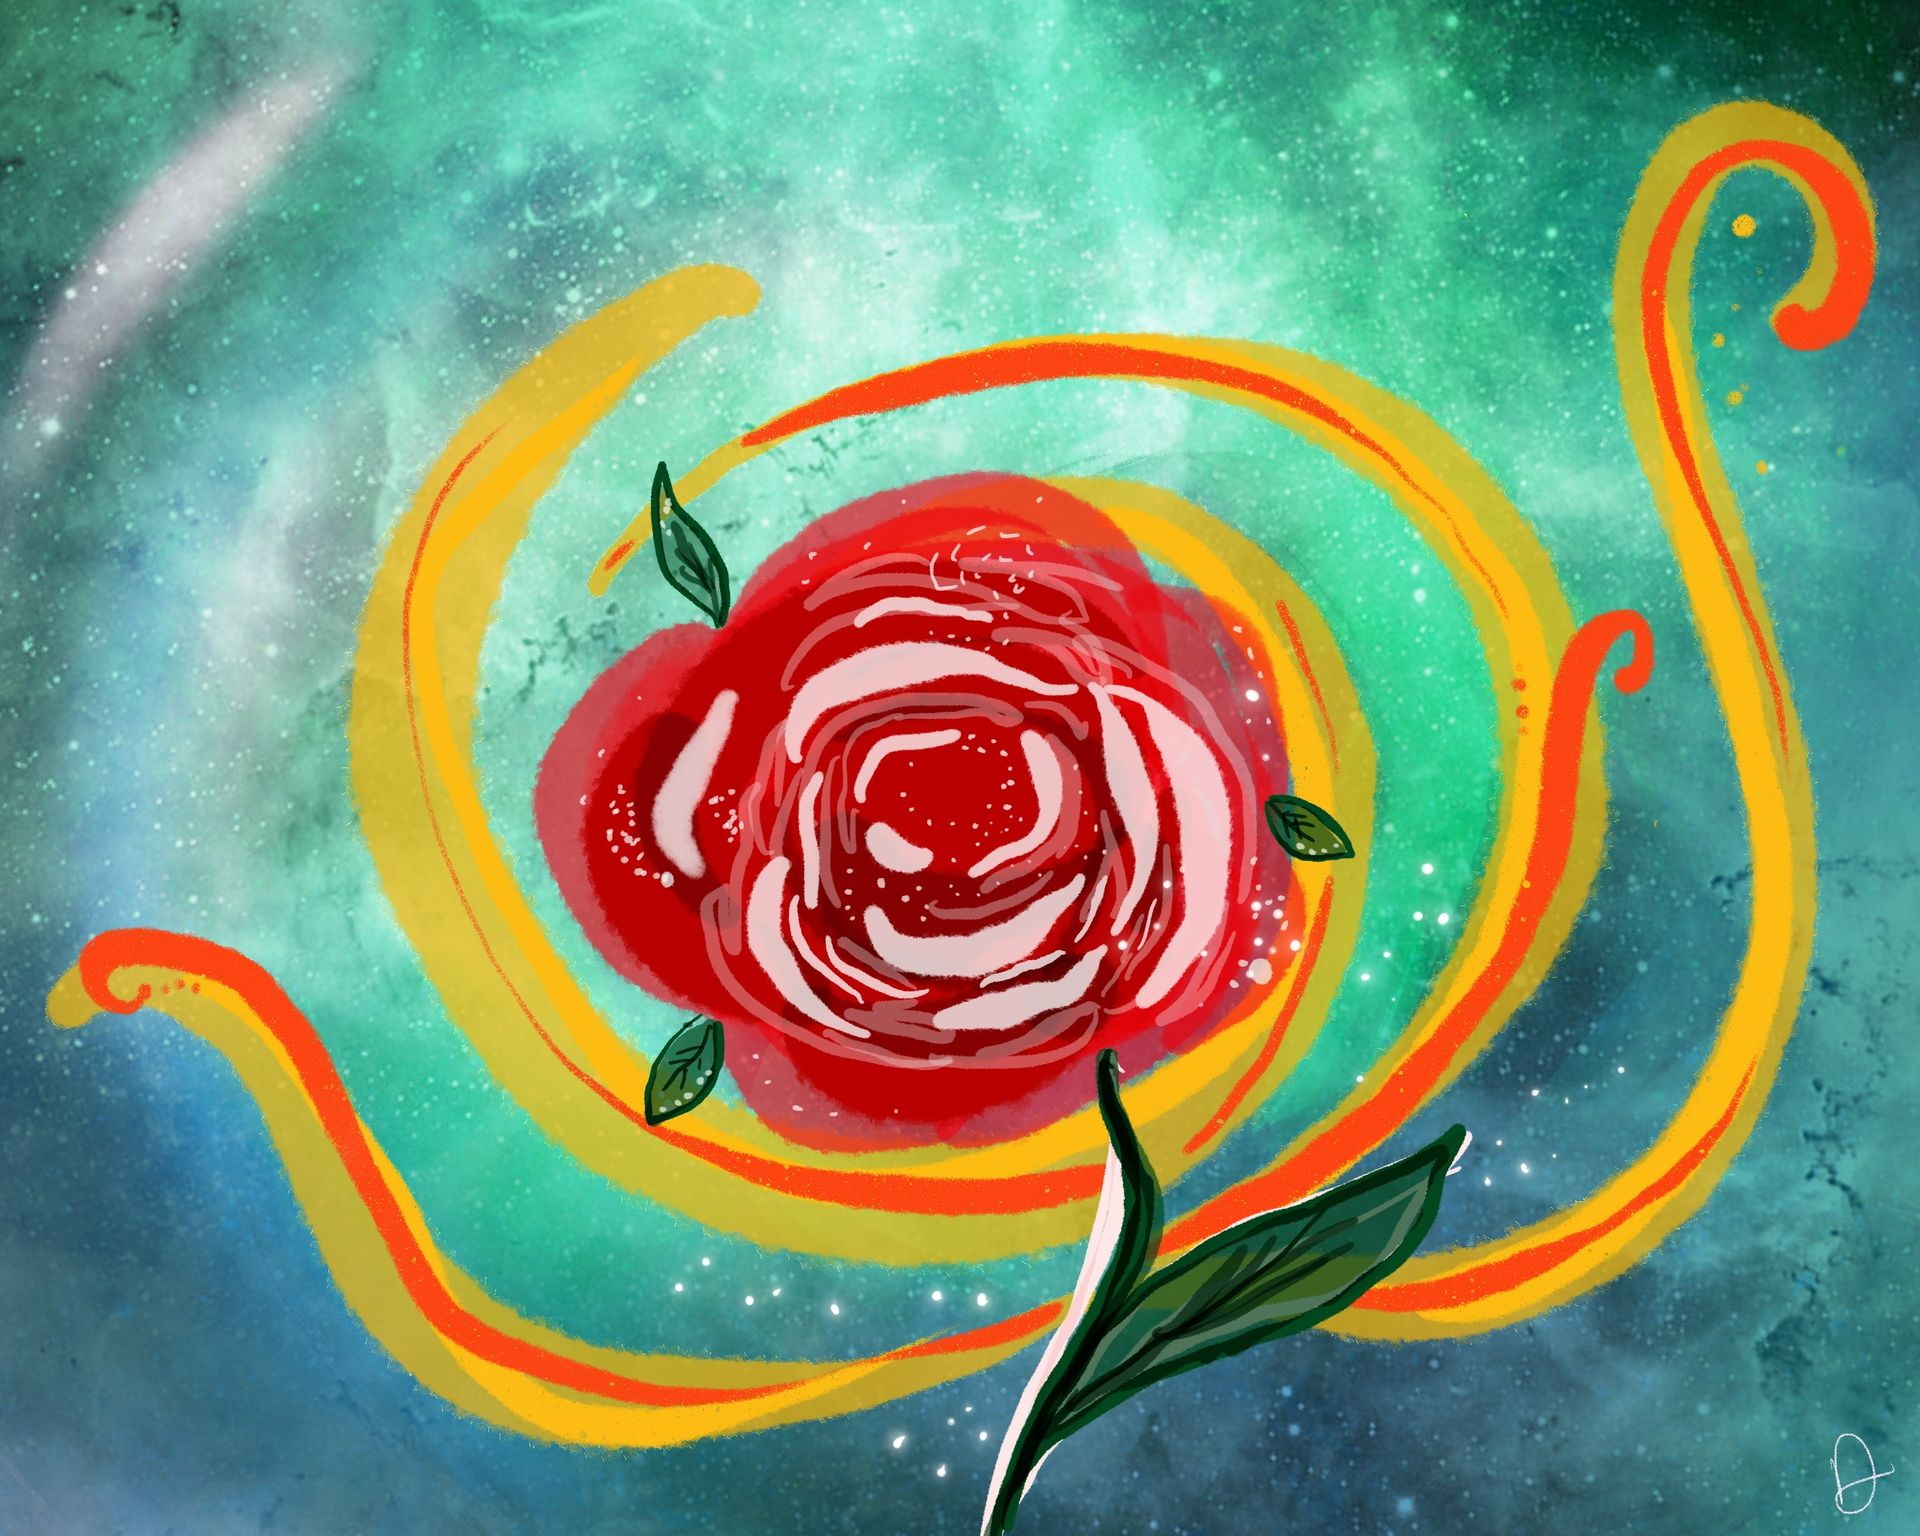 Artwork by Dora Rodriges of PintaDora